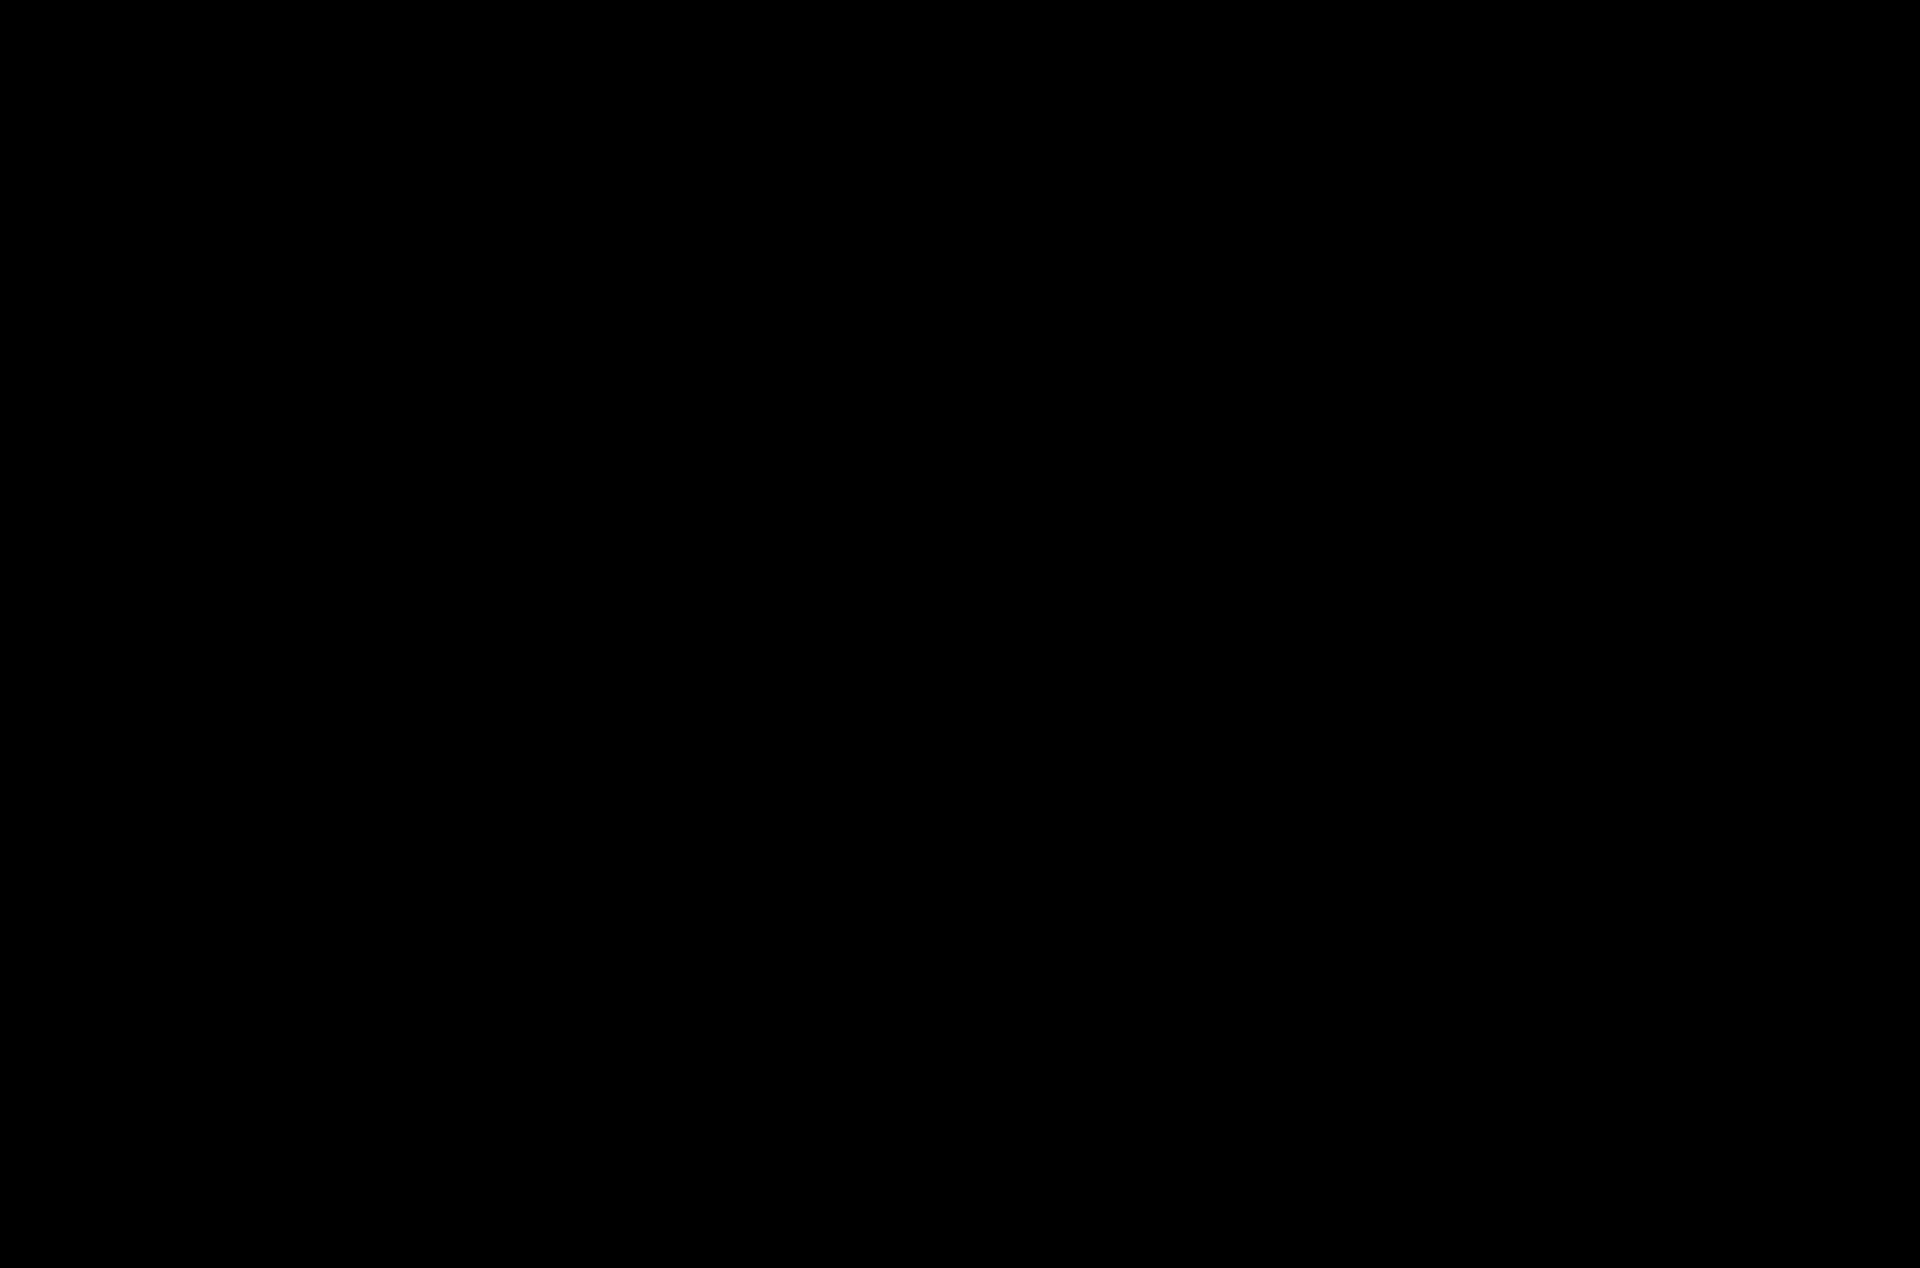 STEIRERWUT  am 11.03.2021 um 20:15 Uhr im Ersten